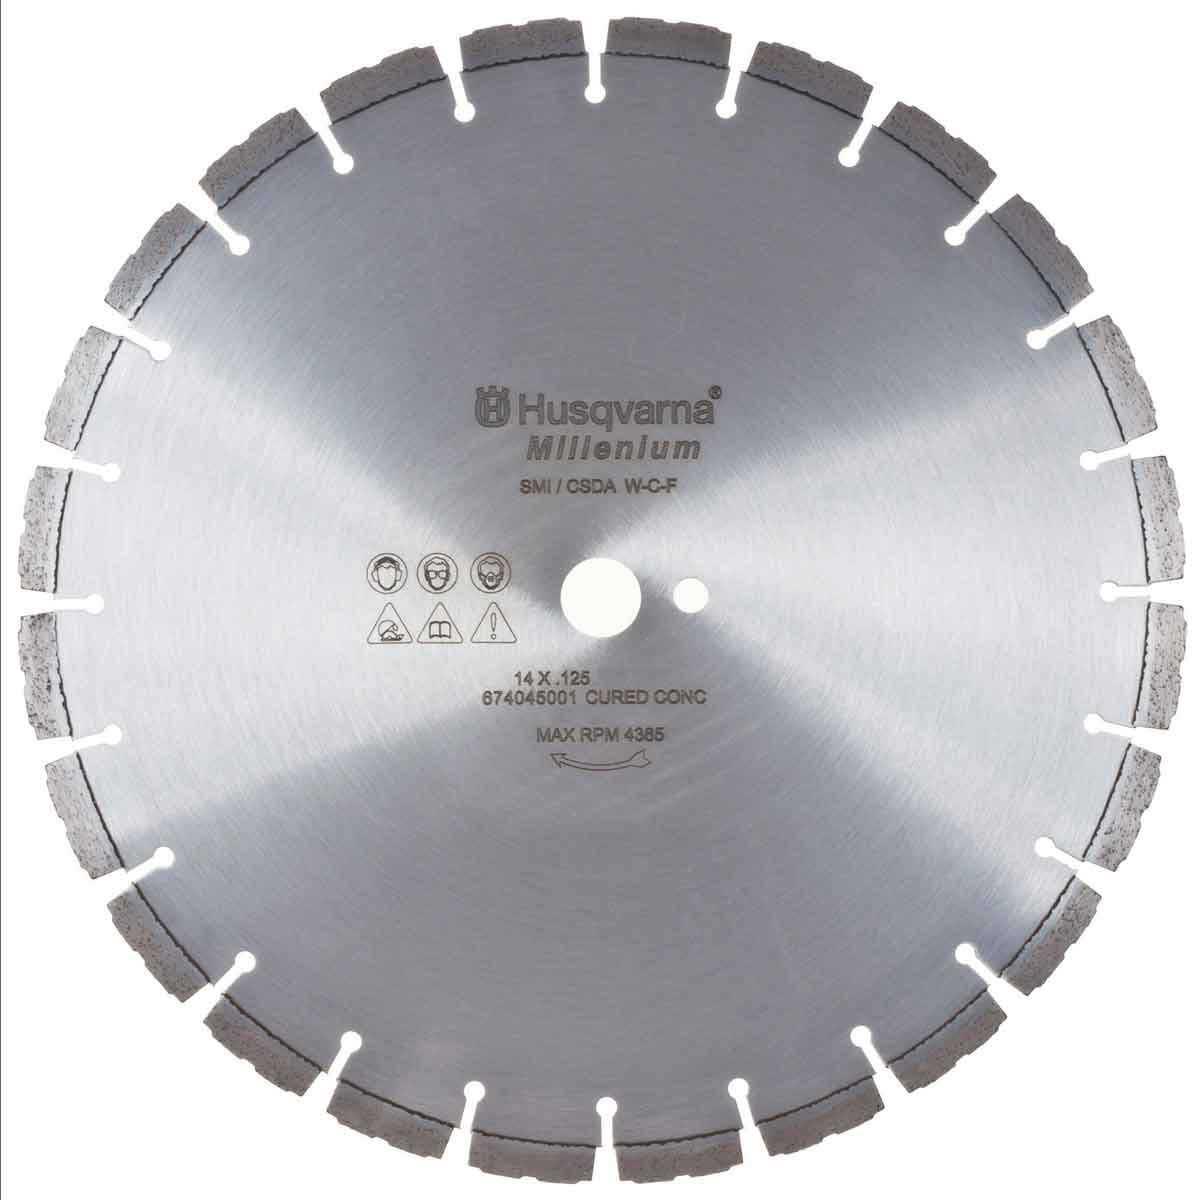 Husqvarna Millenium F810C Concrete Diamond Blades